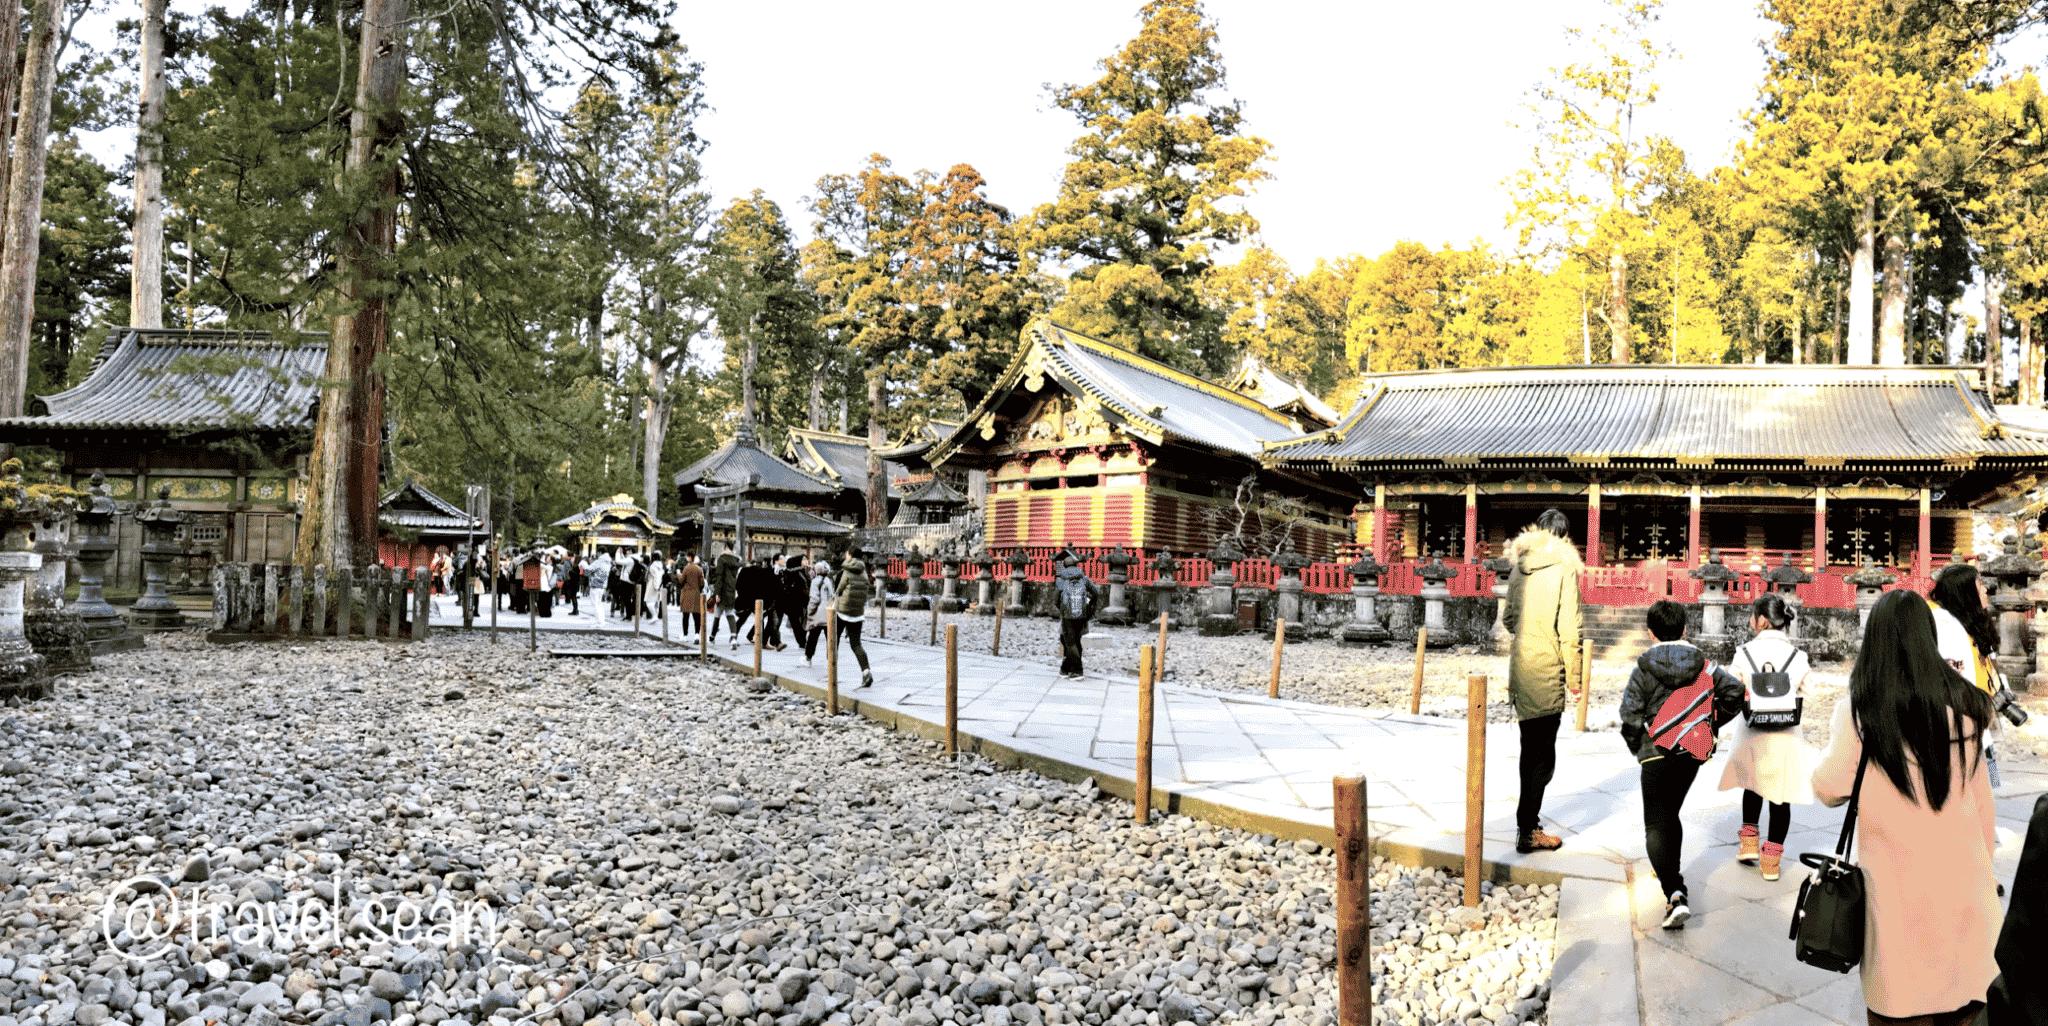 日光(Nikko) – 充滿歷史與自然的溫泉勝地